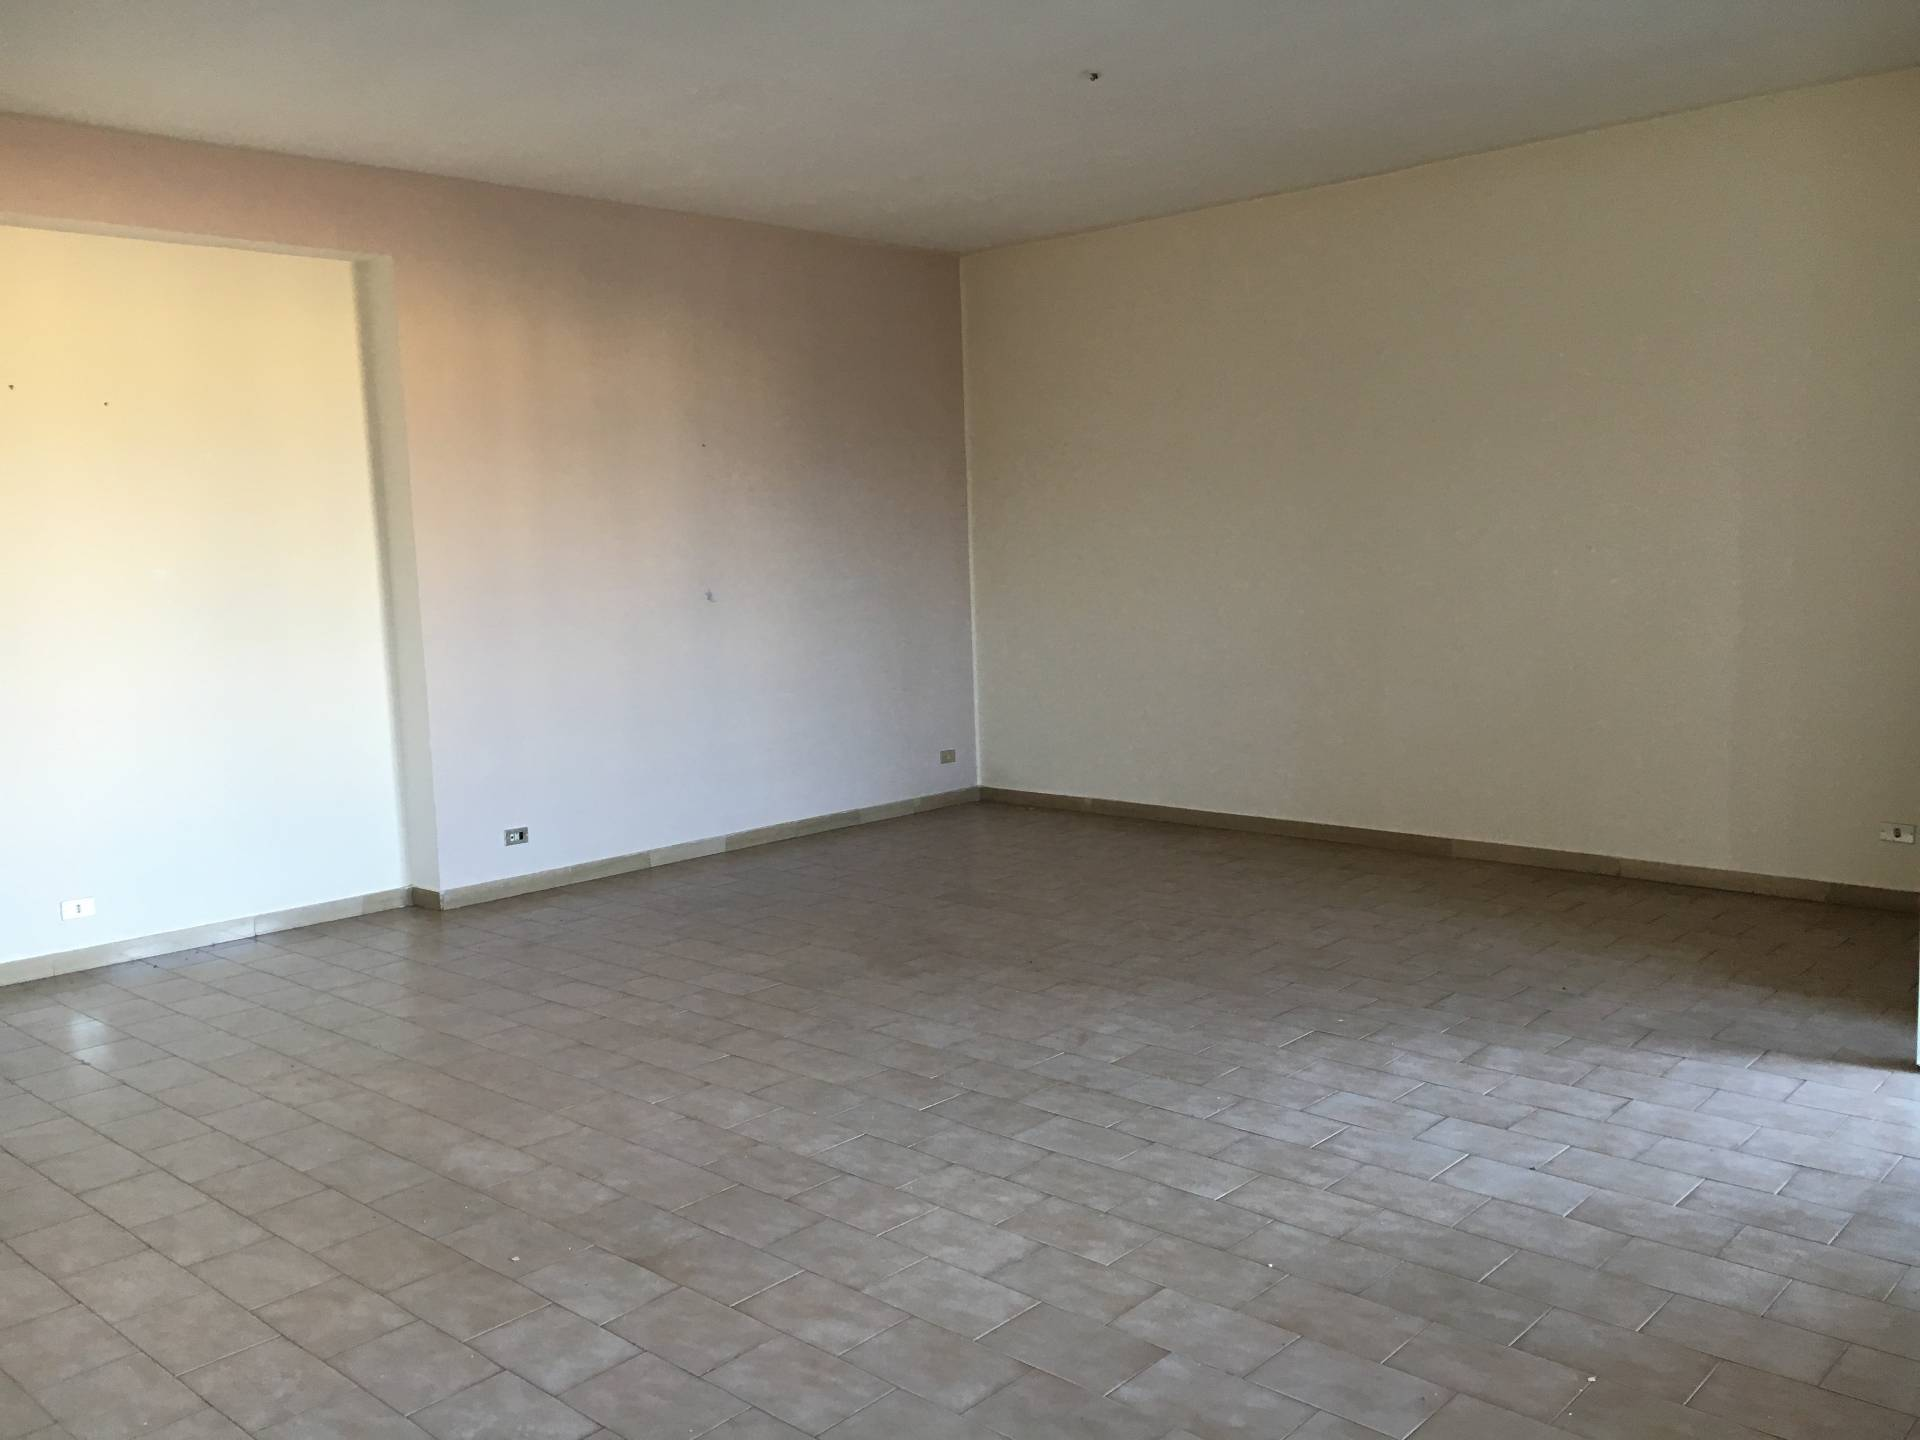 Appartamento in affitto a San Giuseppe Vesuviano, 4 locali, prezzo € 450 | Cambio Casa.it